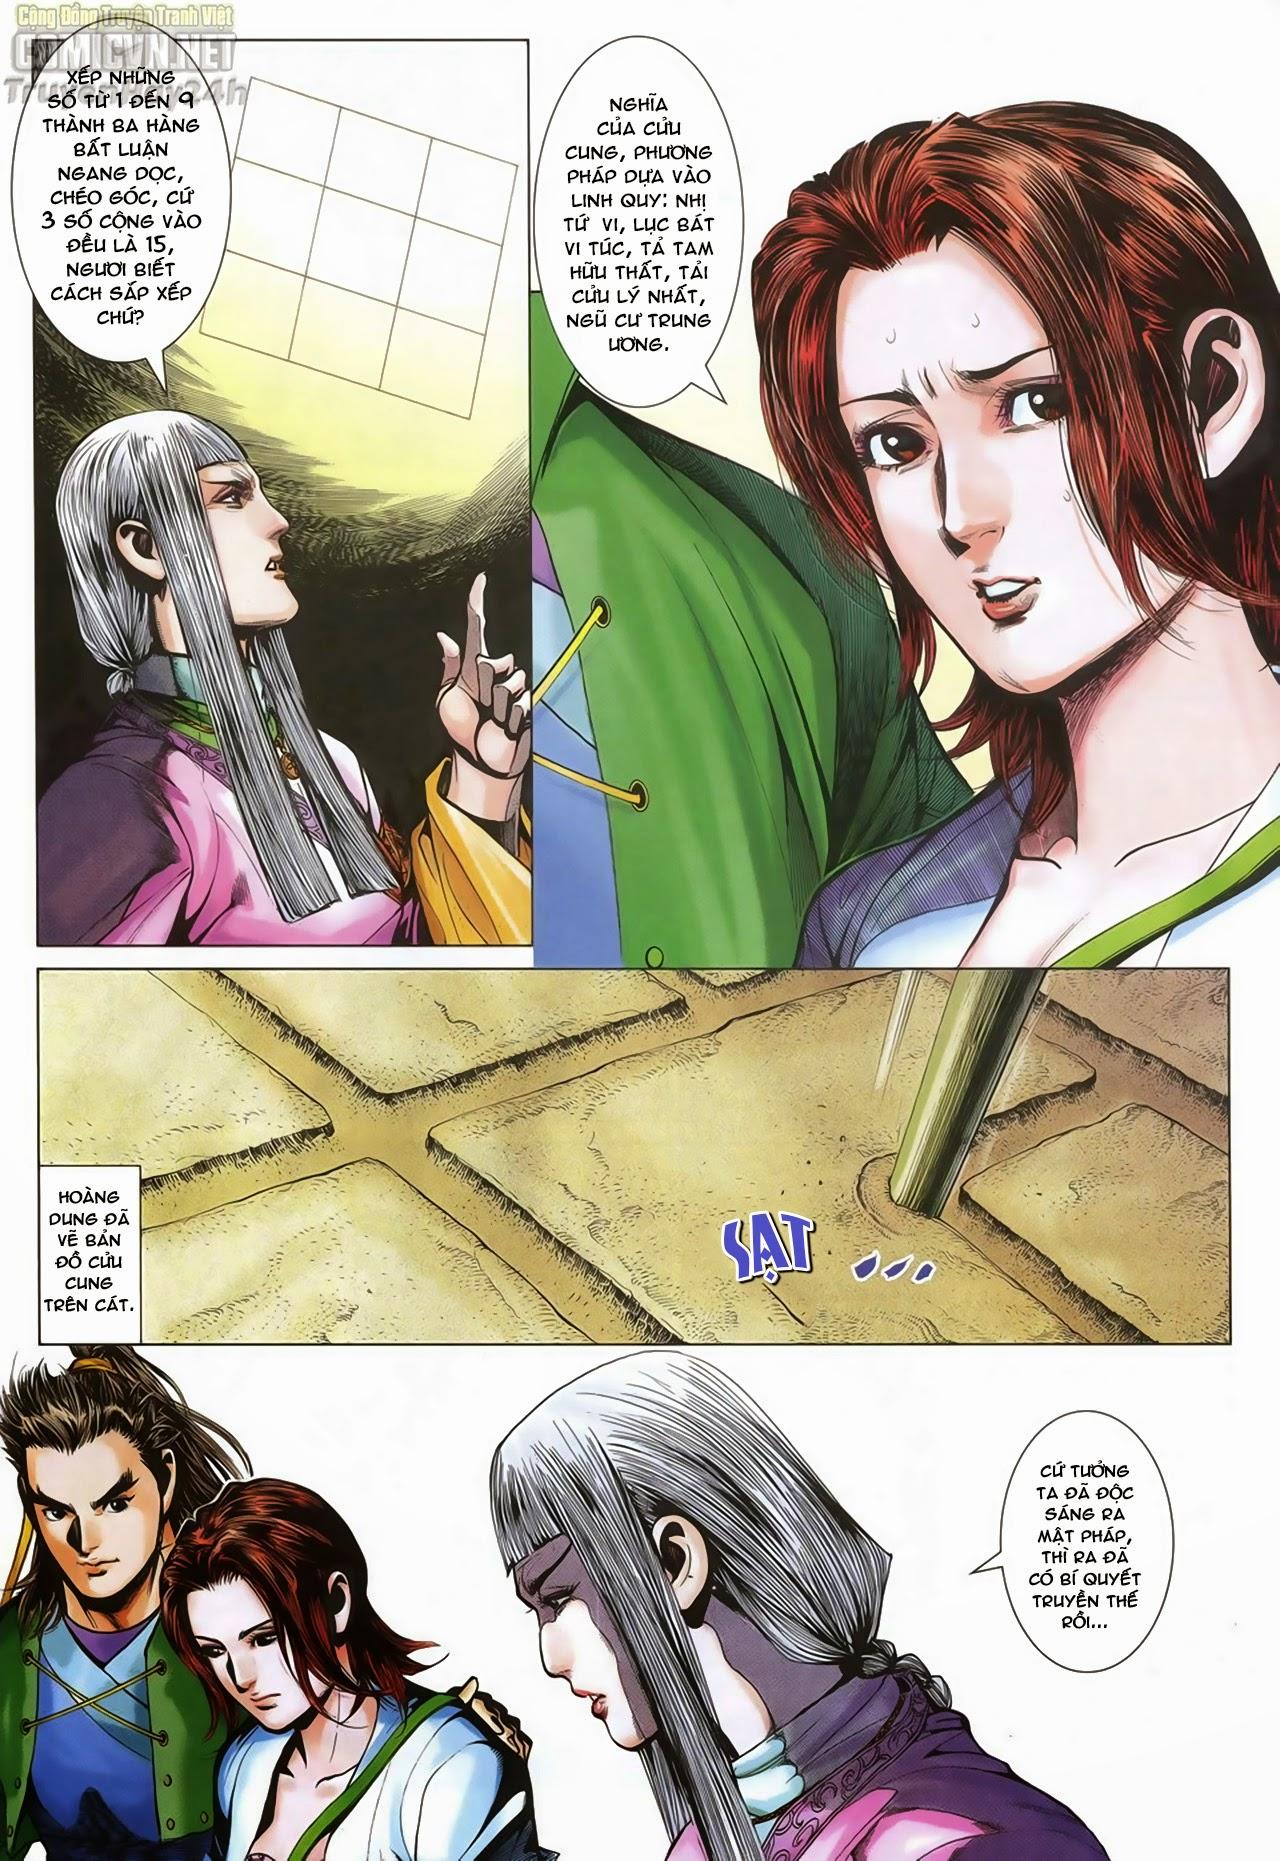 Anh Hùng Xạ Điêu anh hùng xạ đêu chap 70: hắc chiểu ẩn nữ trang 18